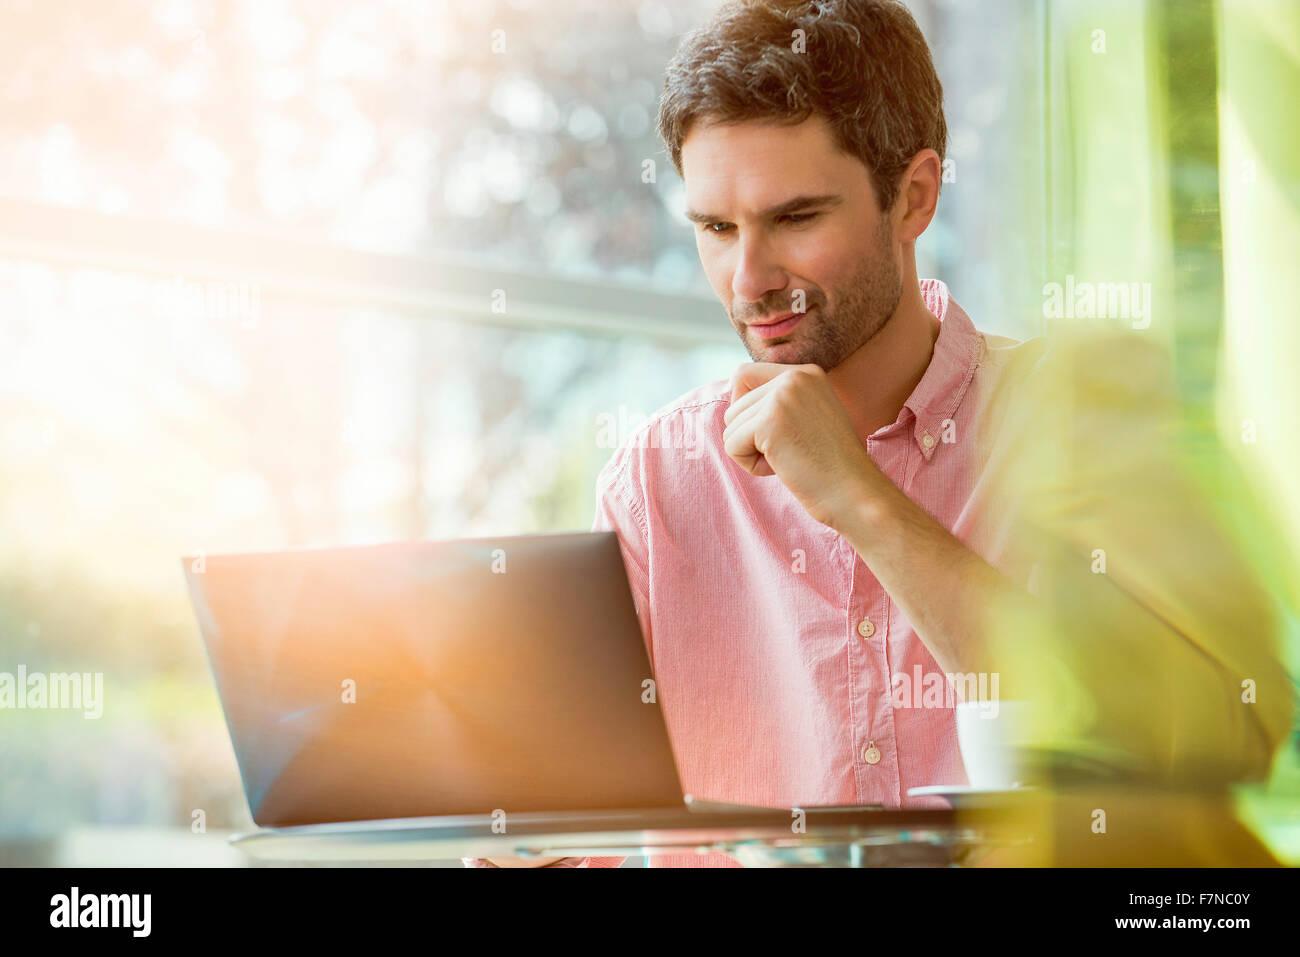 Hombre utilizando equipo portátil Imagen De Stock